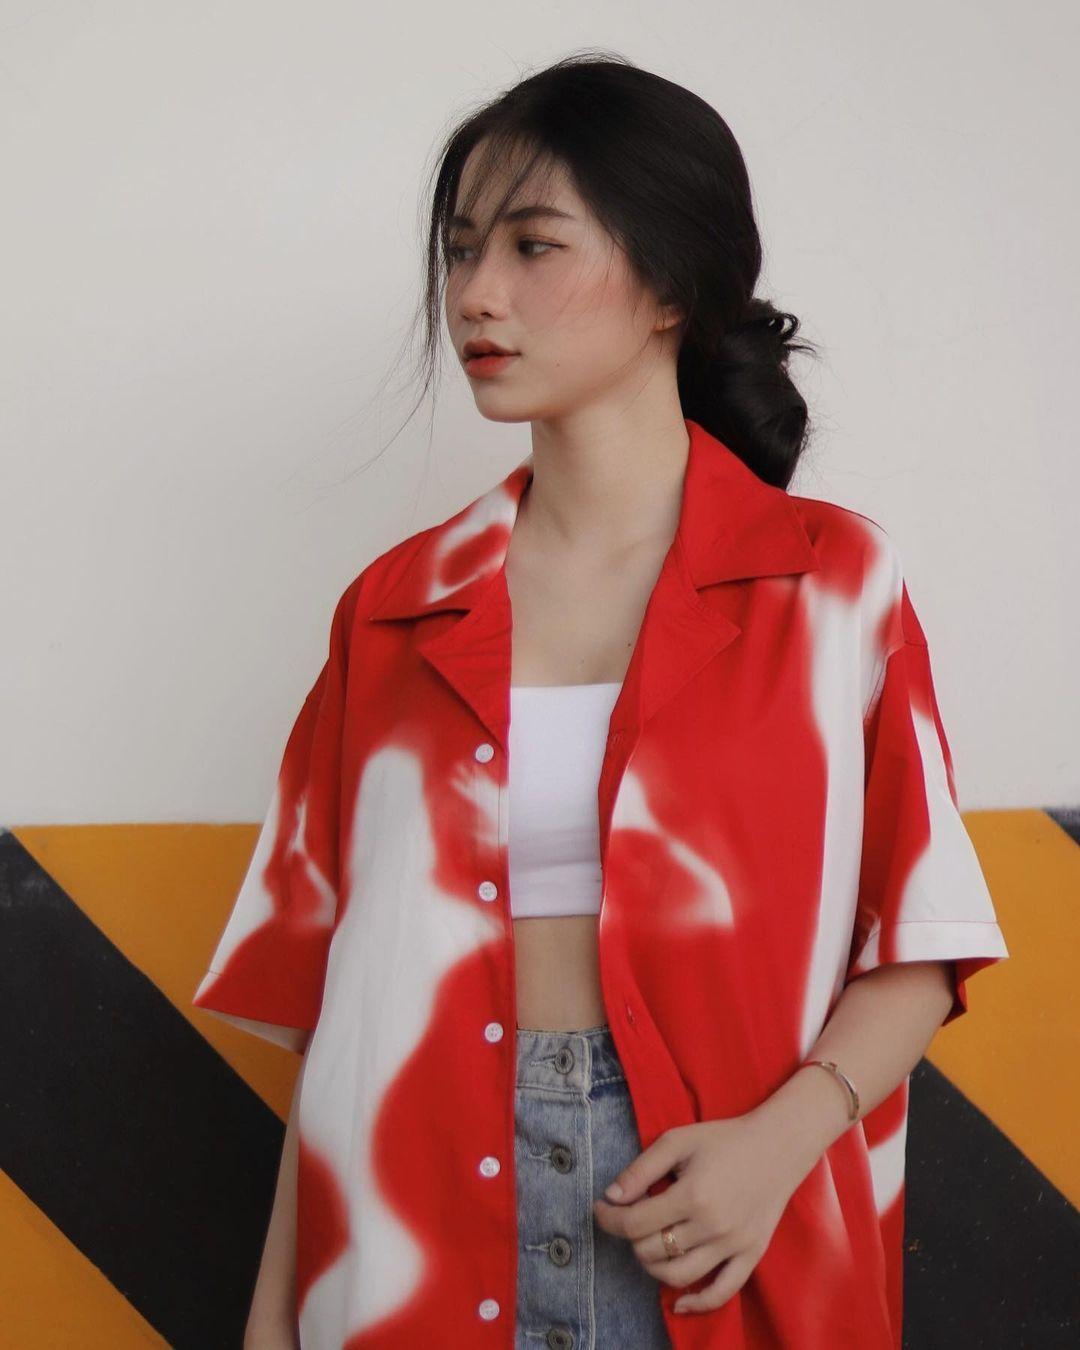 天菜越南妹「Kim Anh」迷蒙眼神仿佛随时在放电空灵气质更是无比疗愈人心 养眼图片 第25张